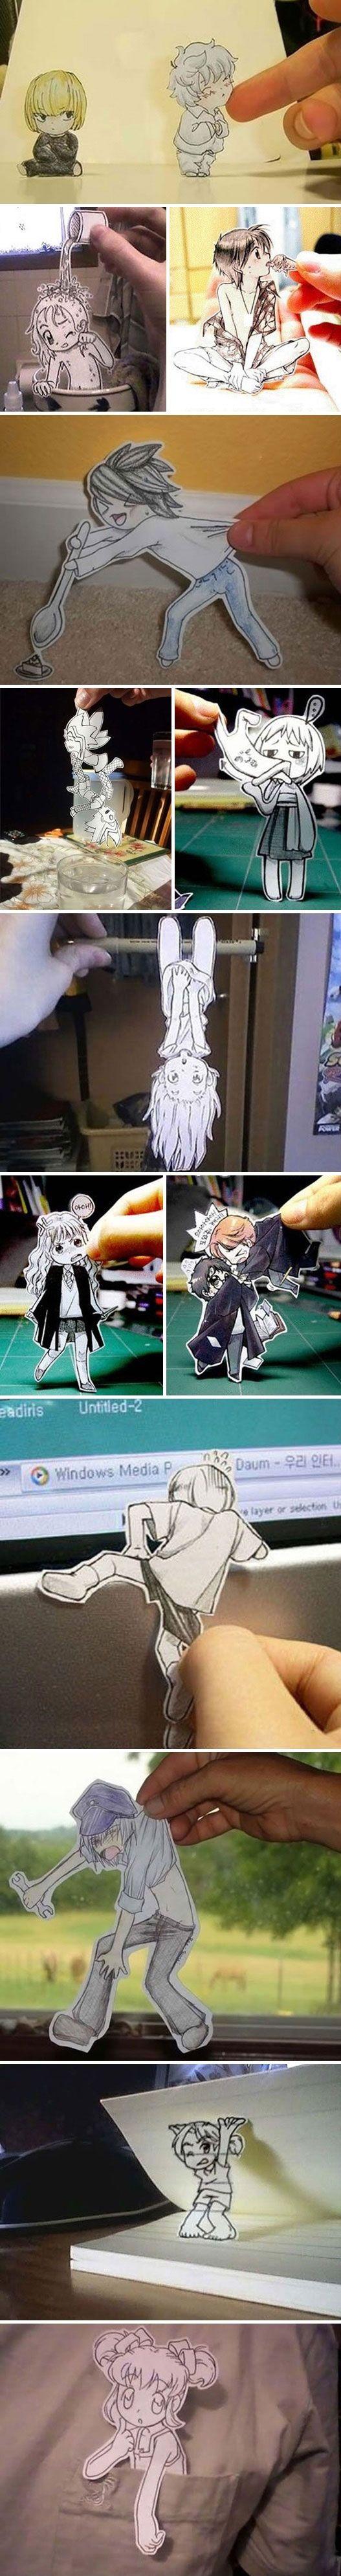 anime-art-real-life-drawings.jpg (527×3980)